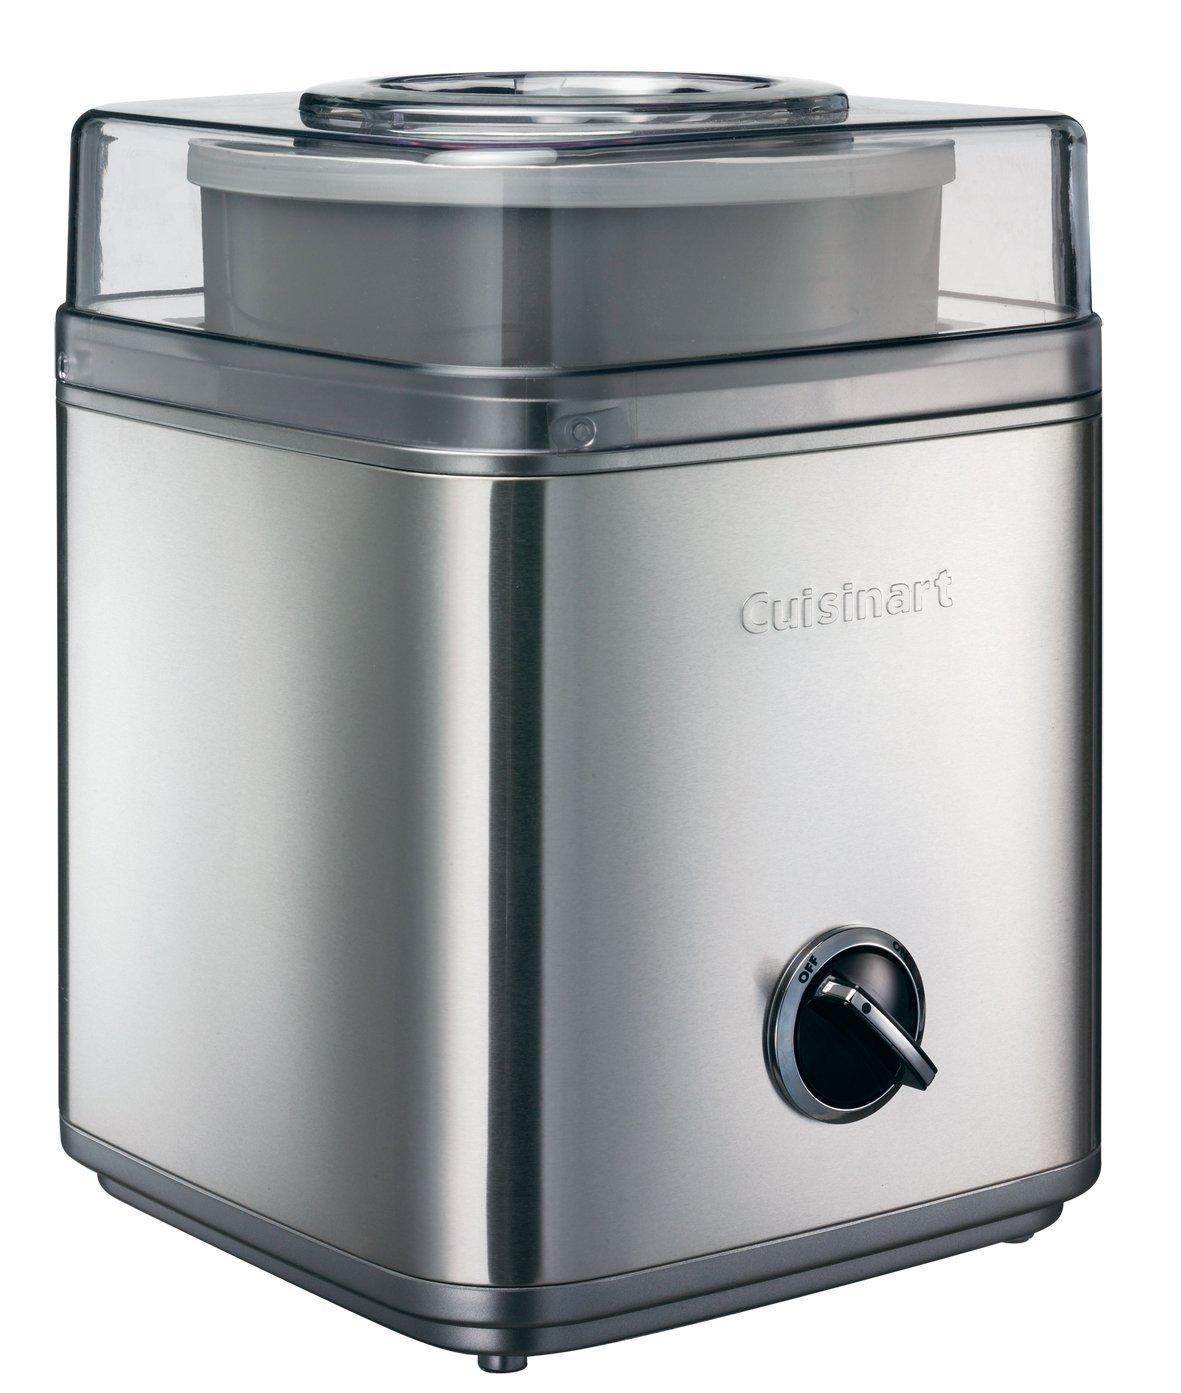 Sorbetière avec accumulateur de froid  Cuisinart ICE30BCE - 2 Litres